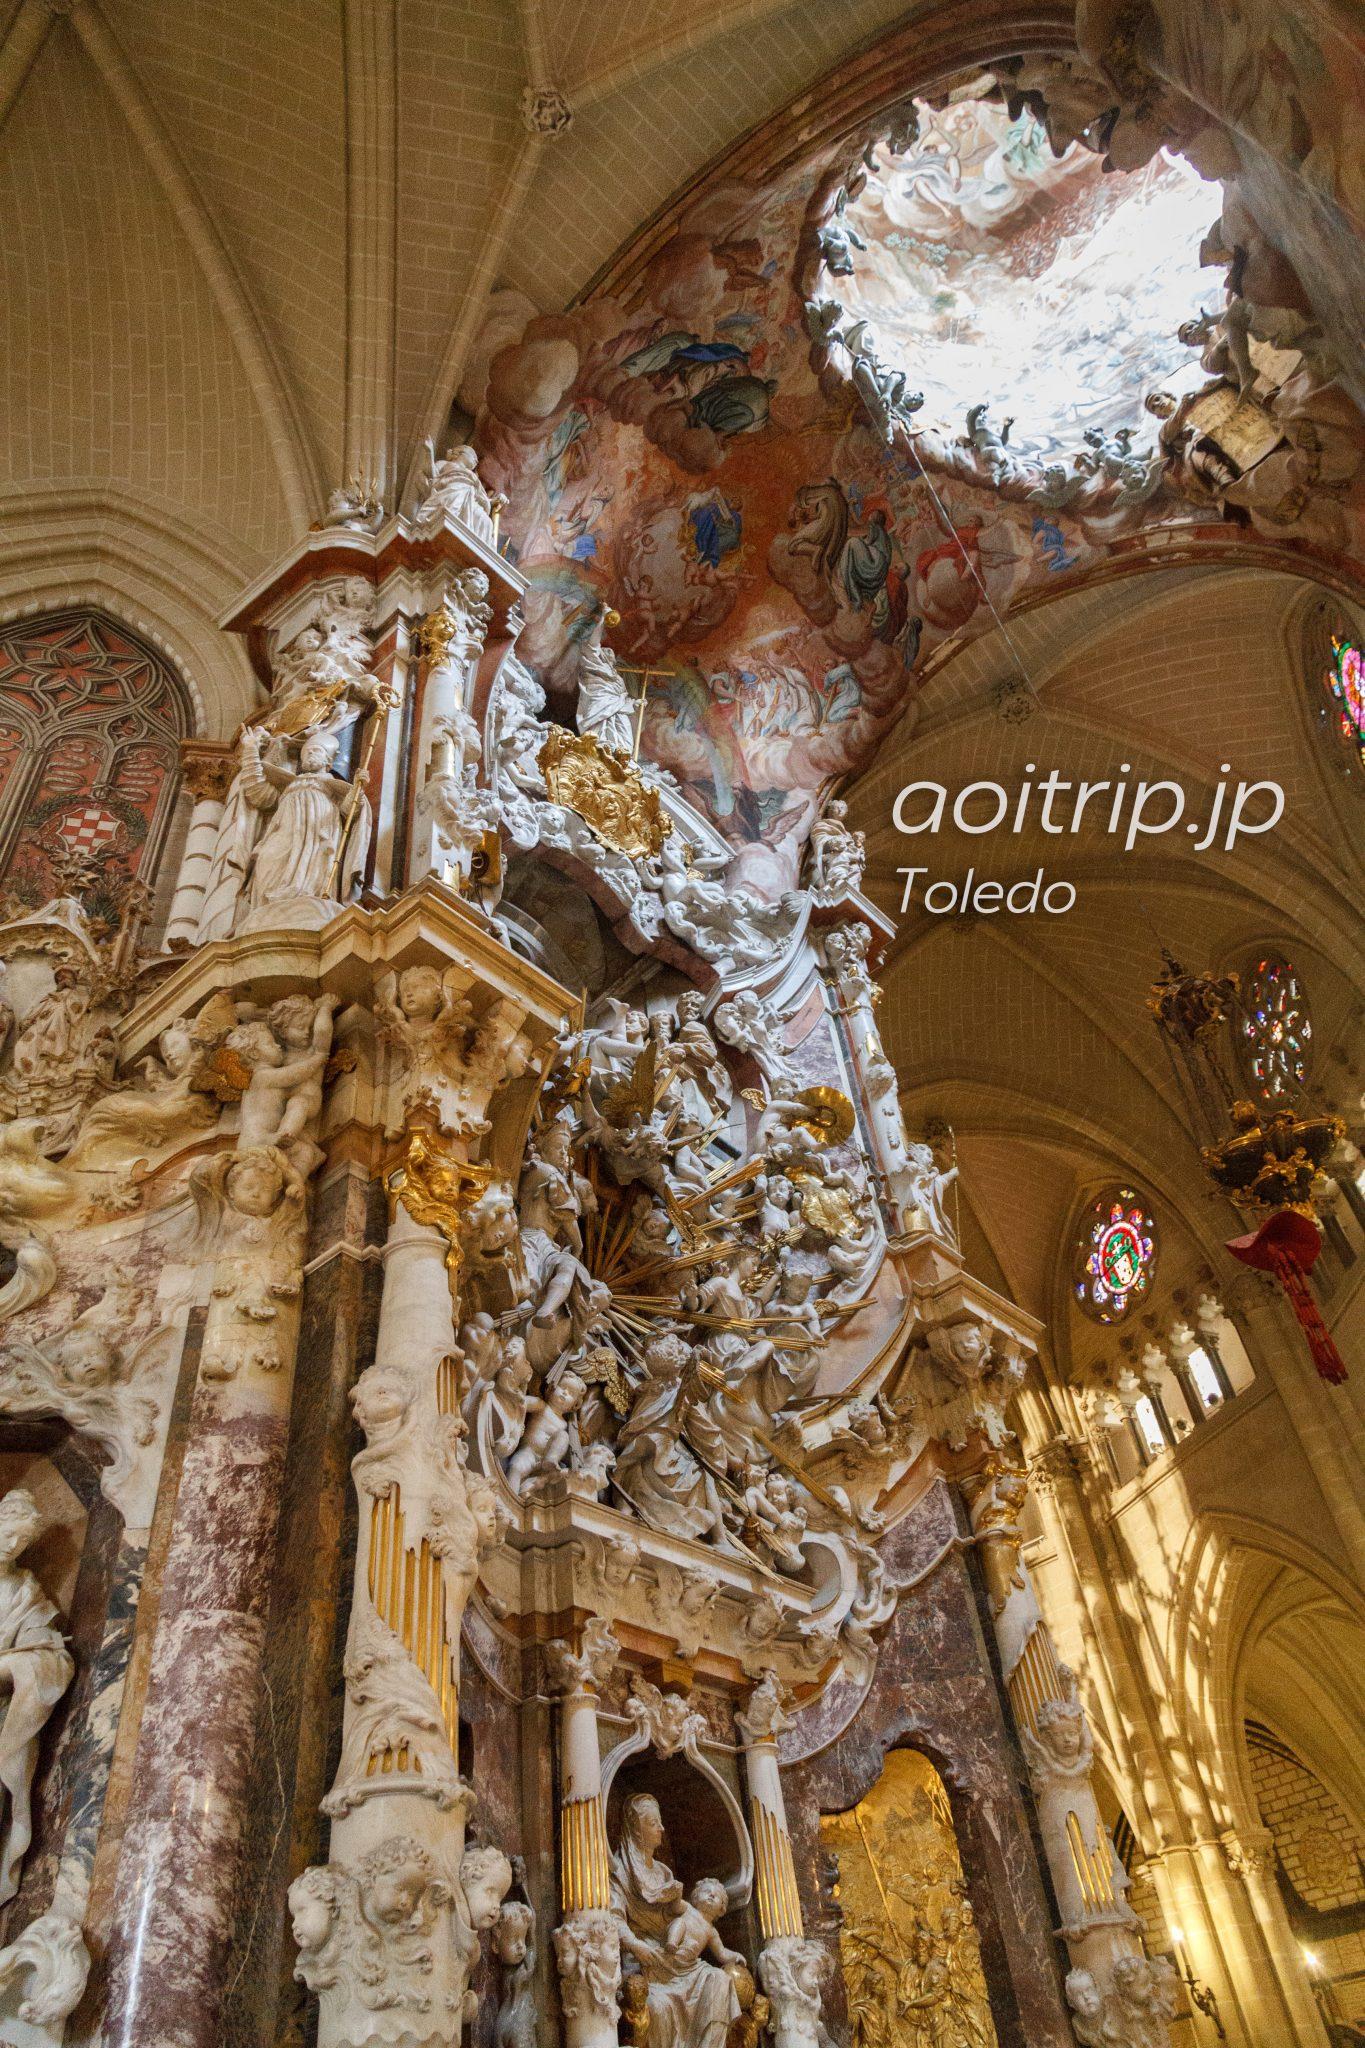 トレド大聖堂 トラスパレンテ